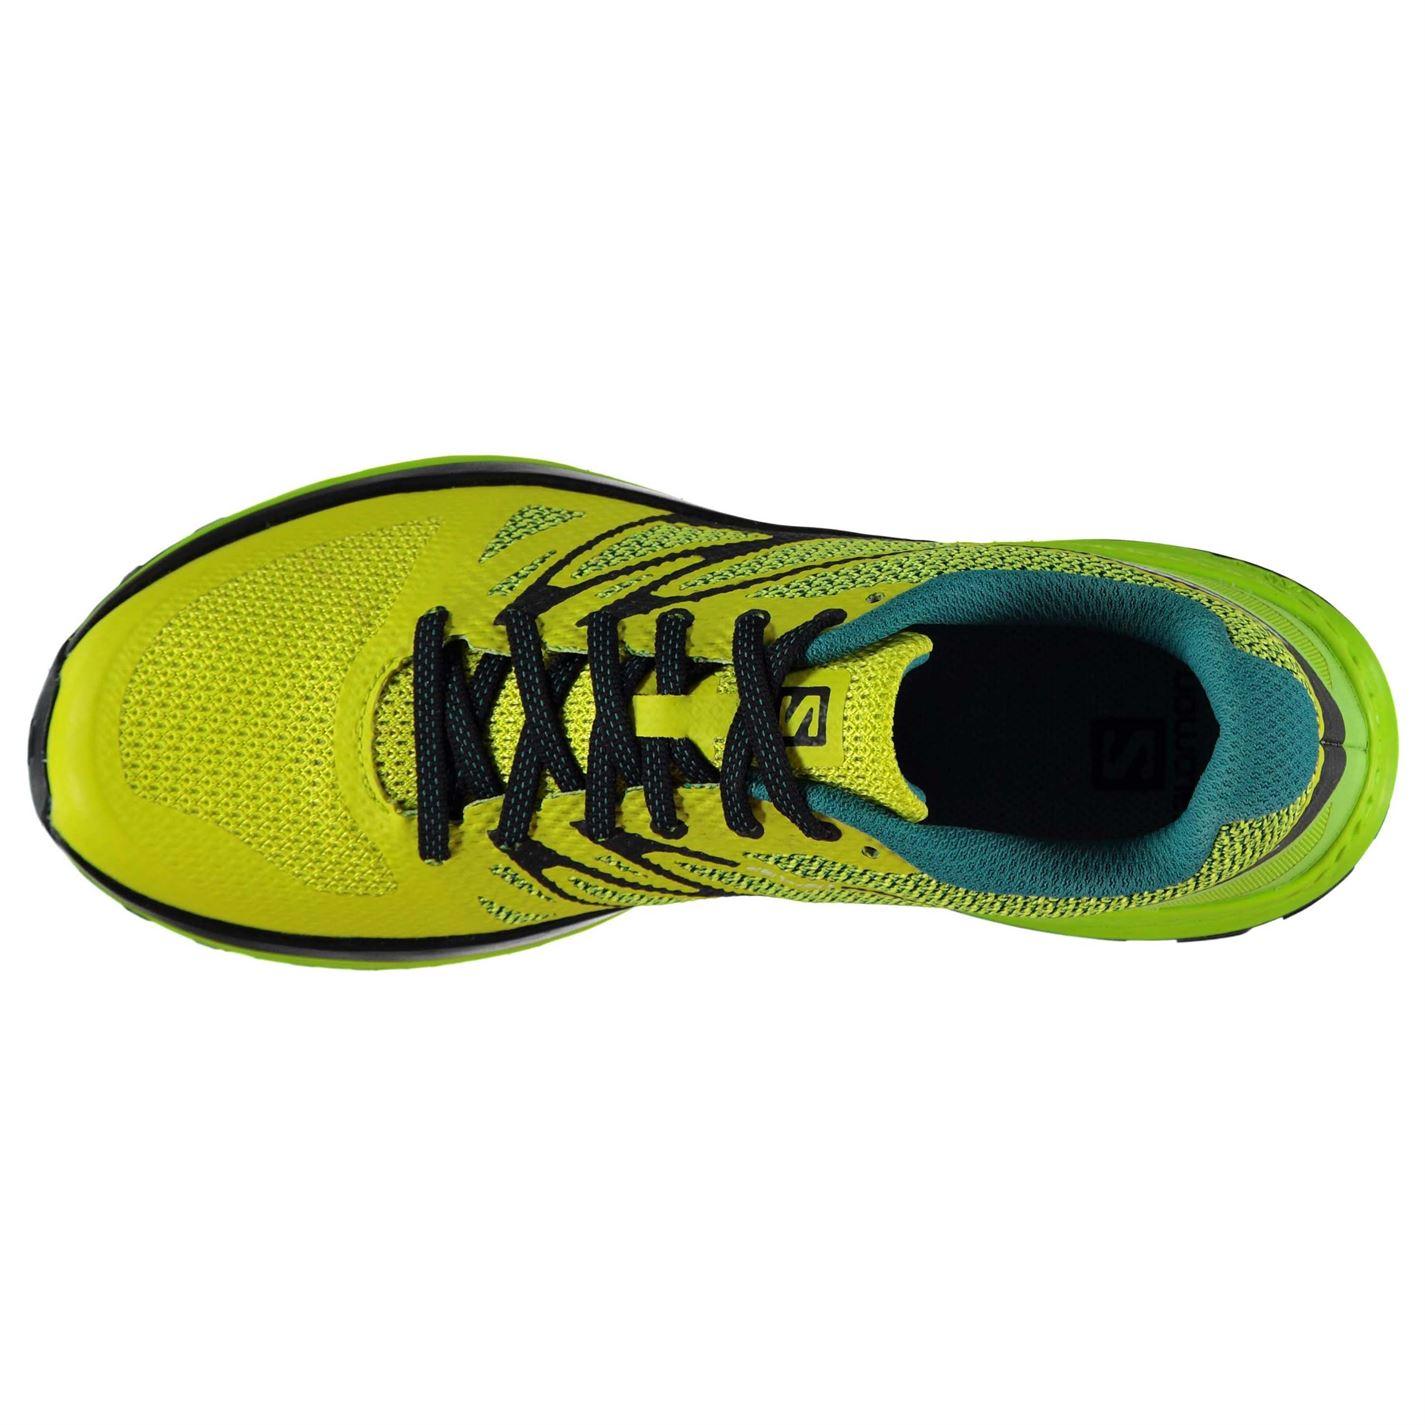 2b848013d390 Salomon Sense Escape Trail Running Shoes Mens Gents Laces Fastened ...